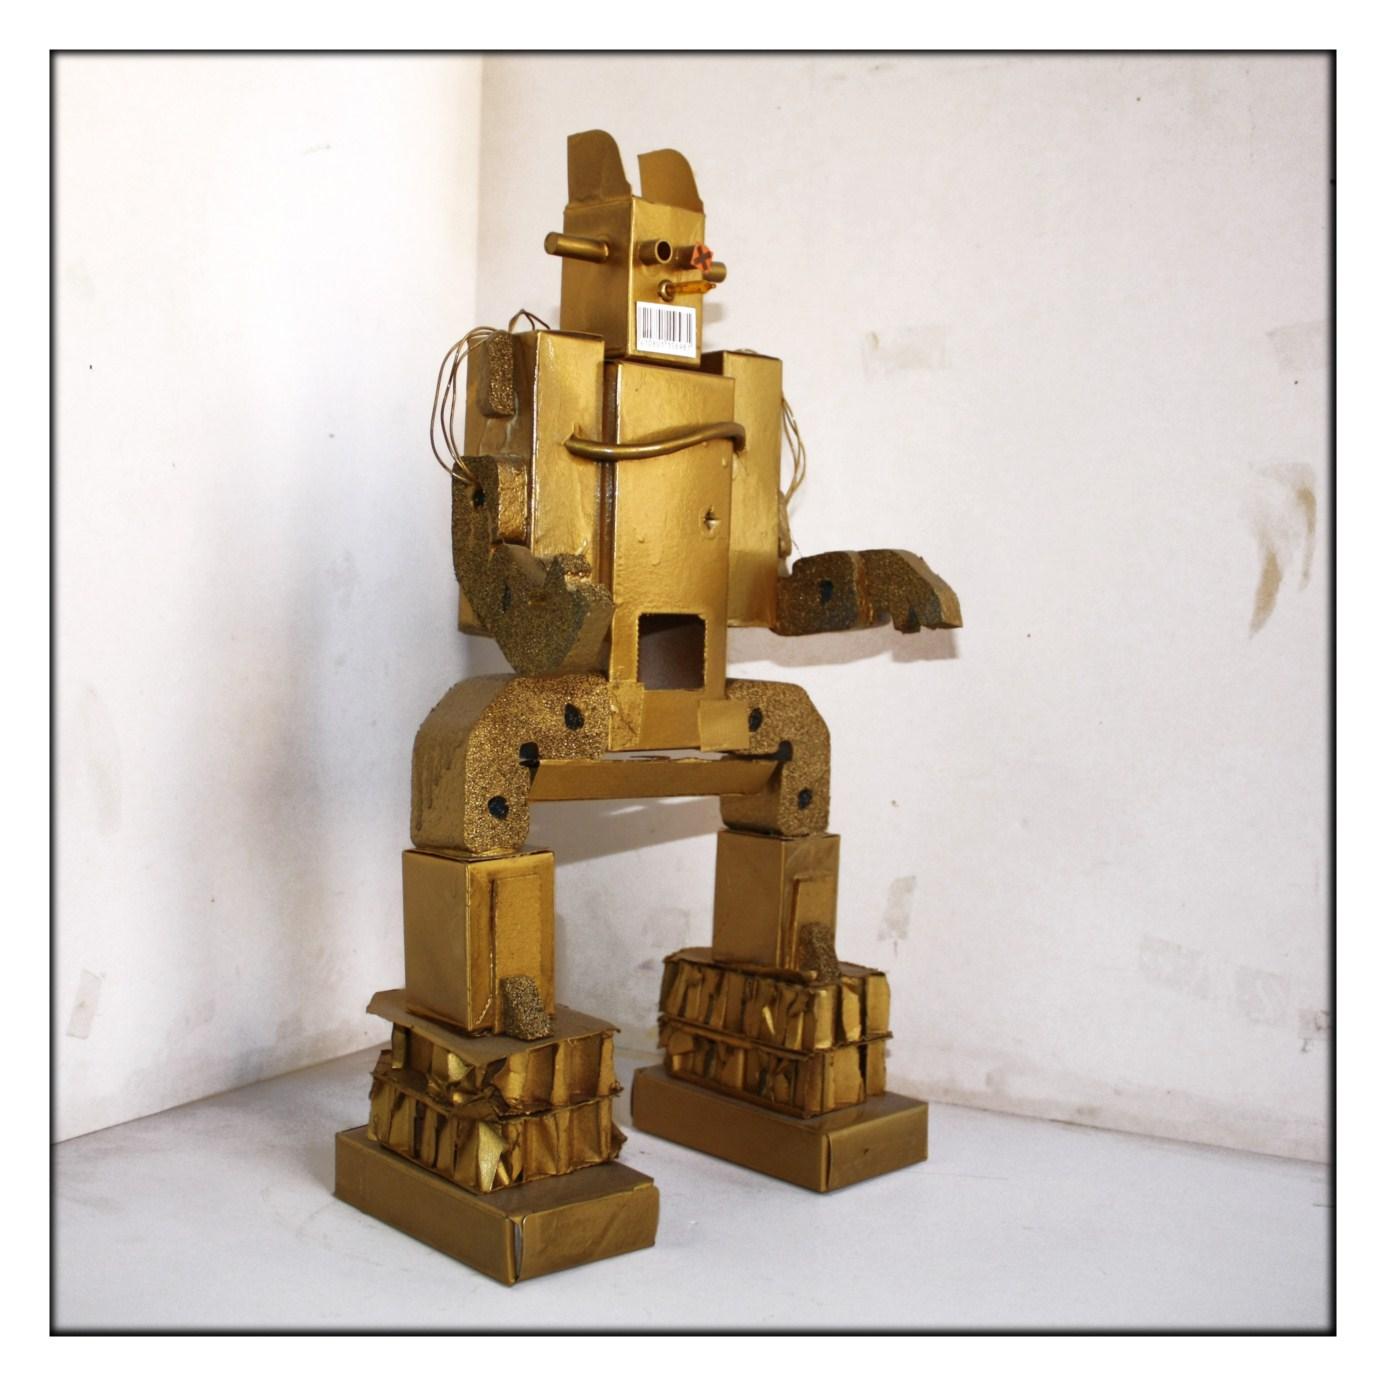 ROBOTS CON CAJAS | .imagenesola imagen y la educacion plastica y